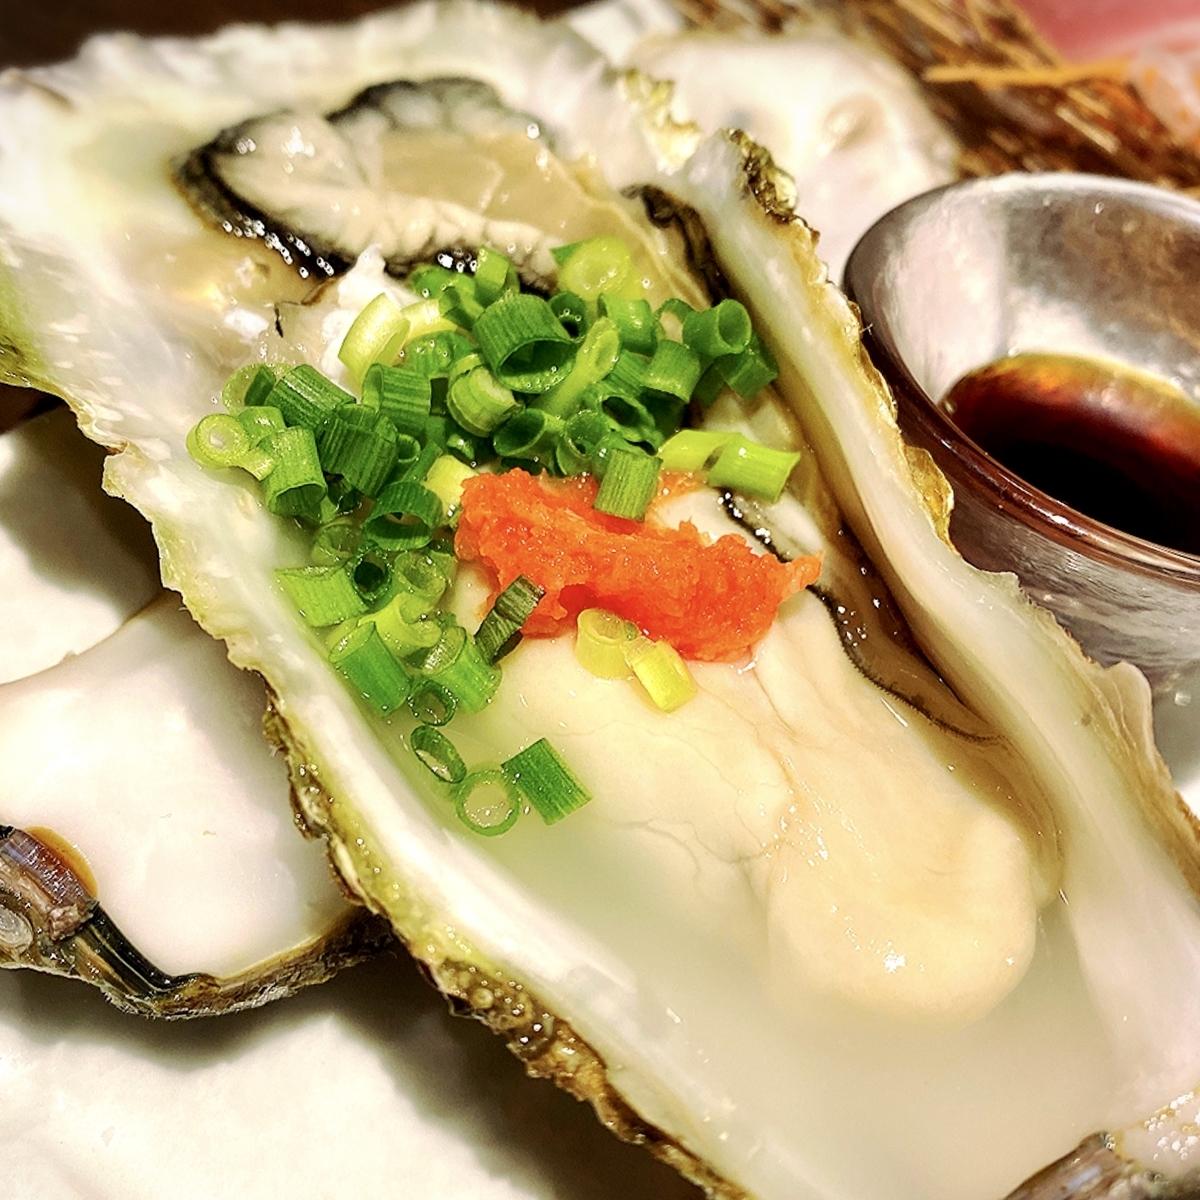 「和食と日本酒のお店 たくみ 赤羽本店」はデートから宴会まで多岐に渡って利用できる素敵イタリアン